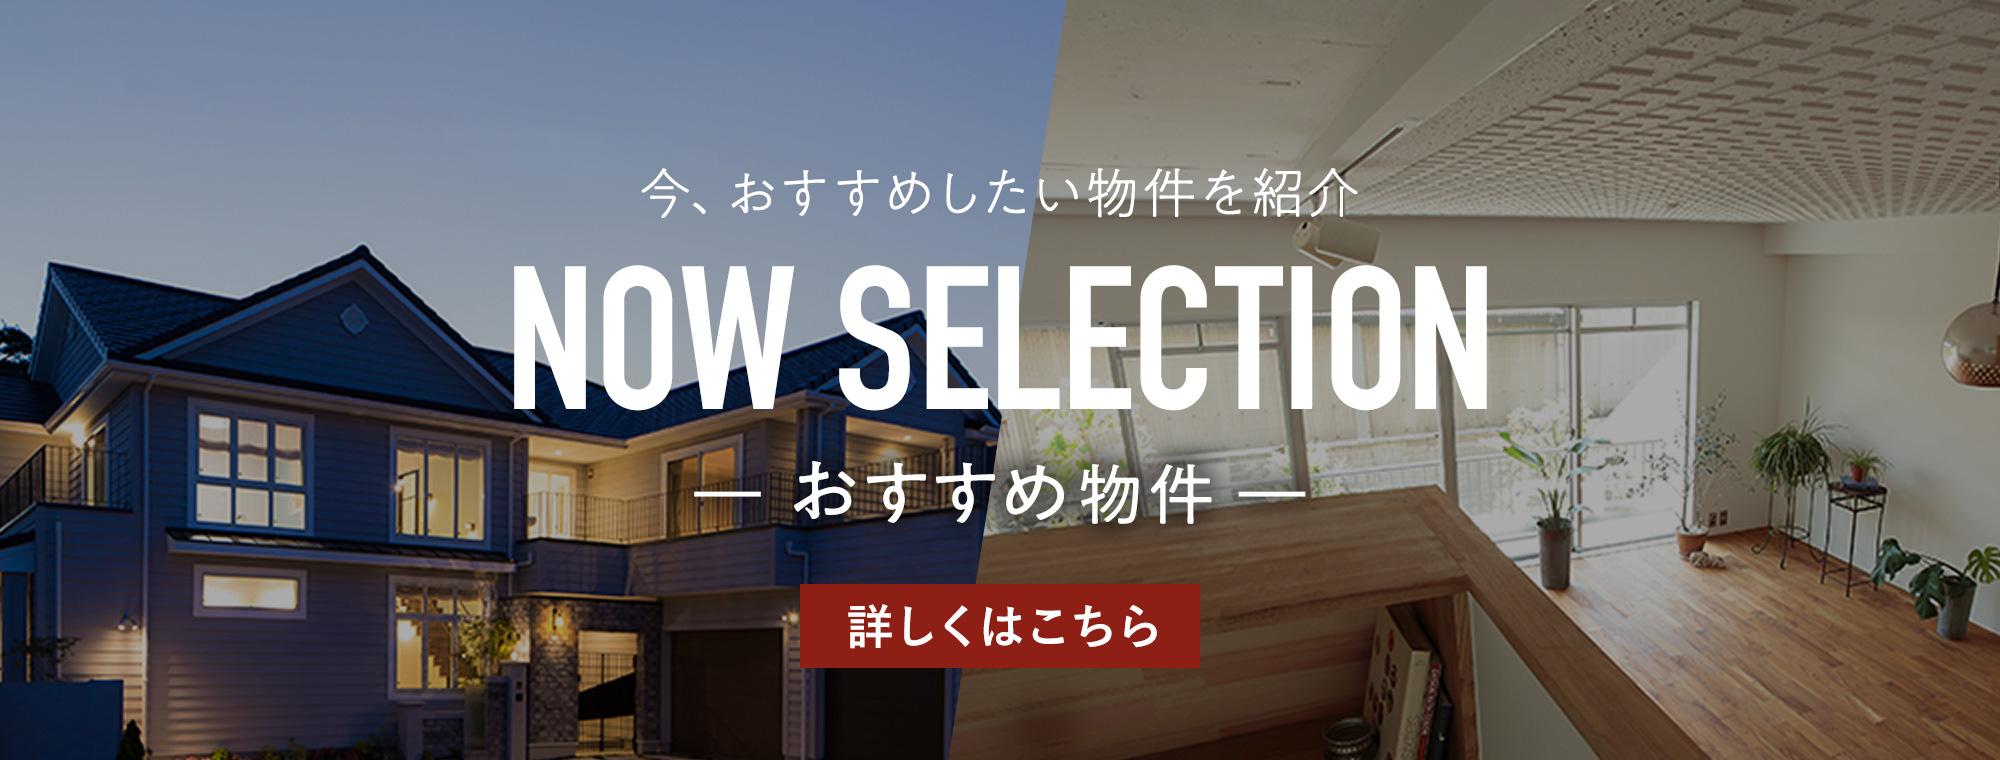 今、おすすめしたい物件を紹介 NOW SELECTION おすすめ物件 詳しくはこちら